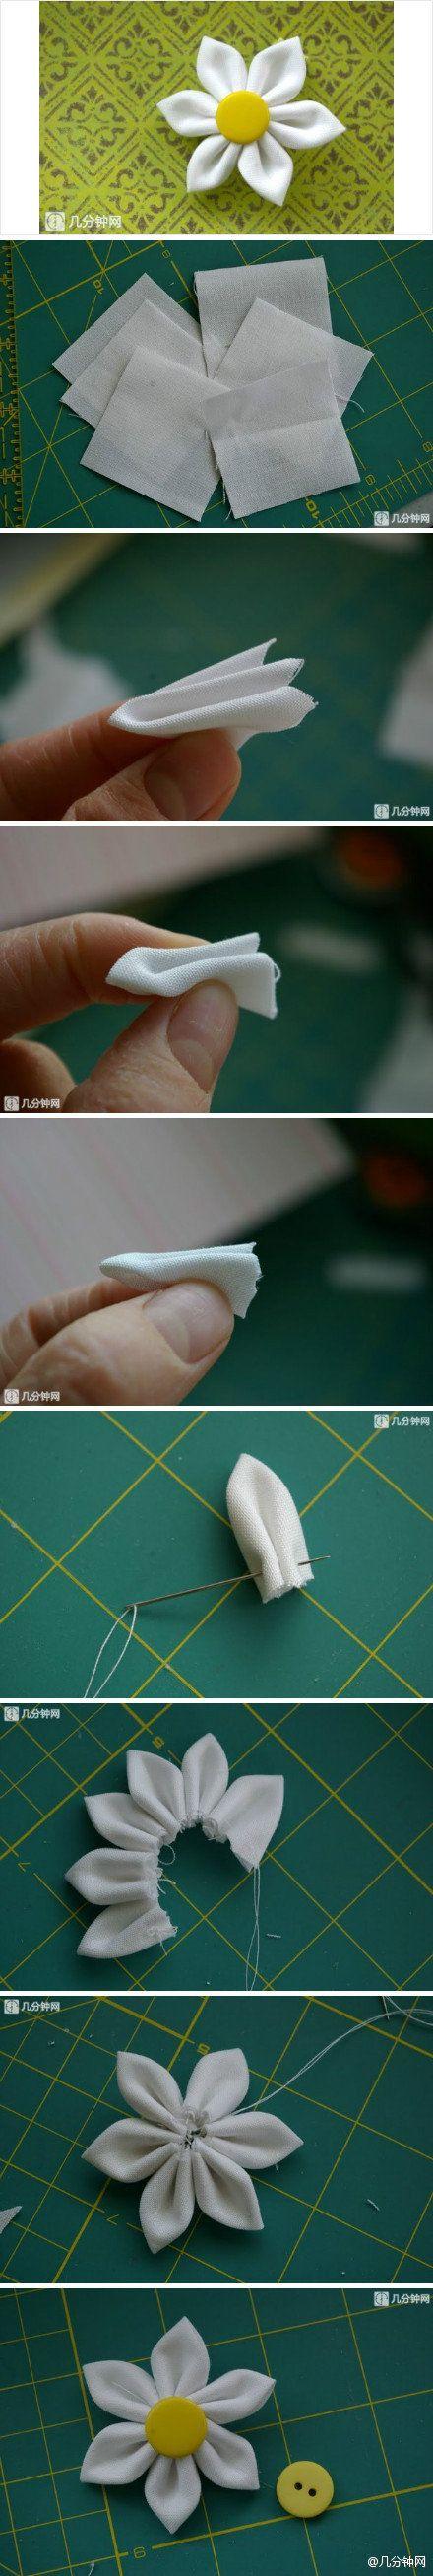 DIY Simple Fabric Flower http://www.usefuldiy.com/diy-simple-fabric-flower/